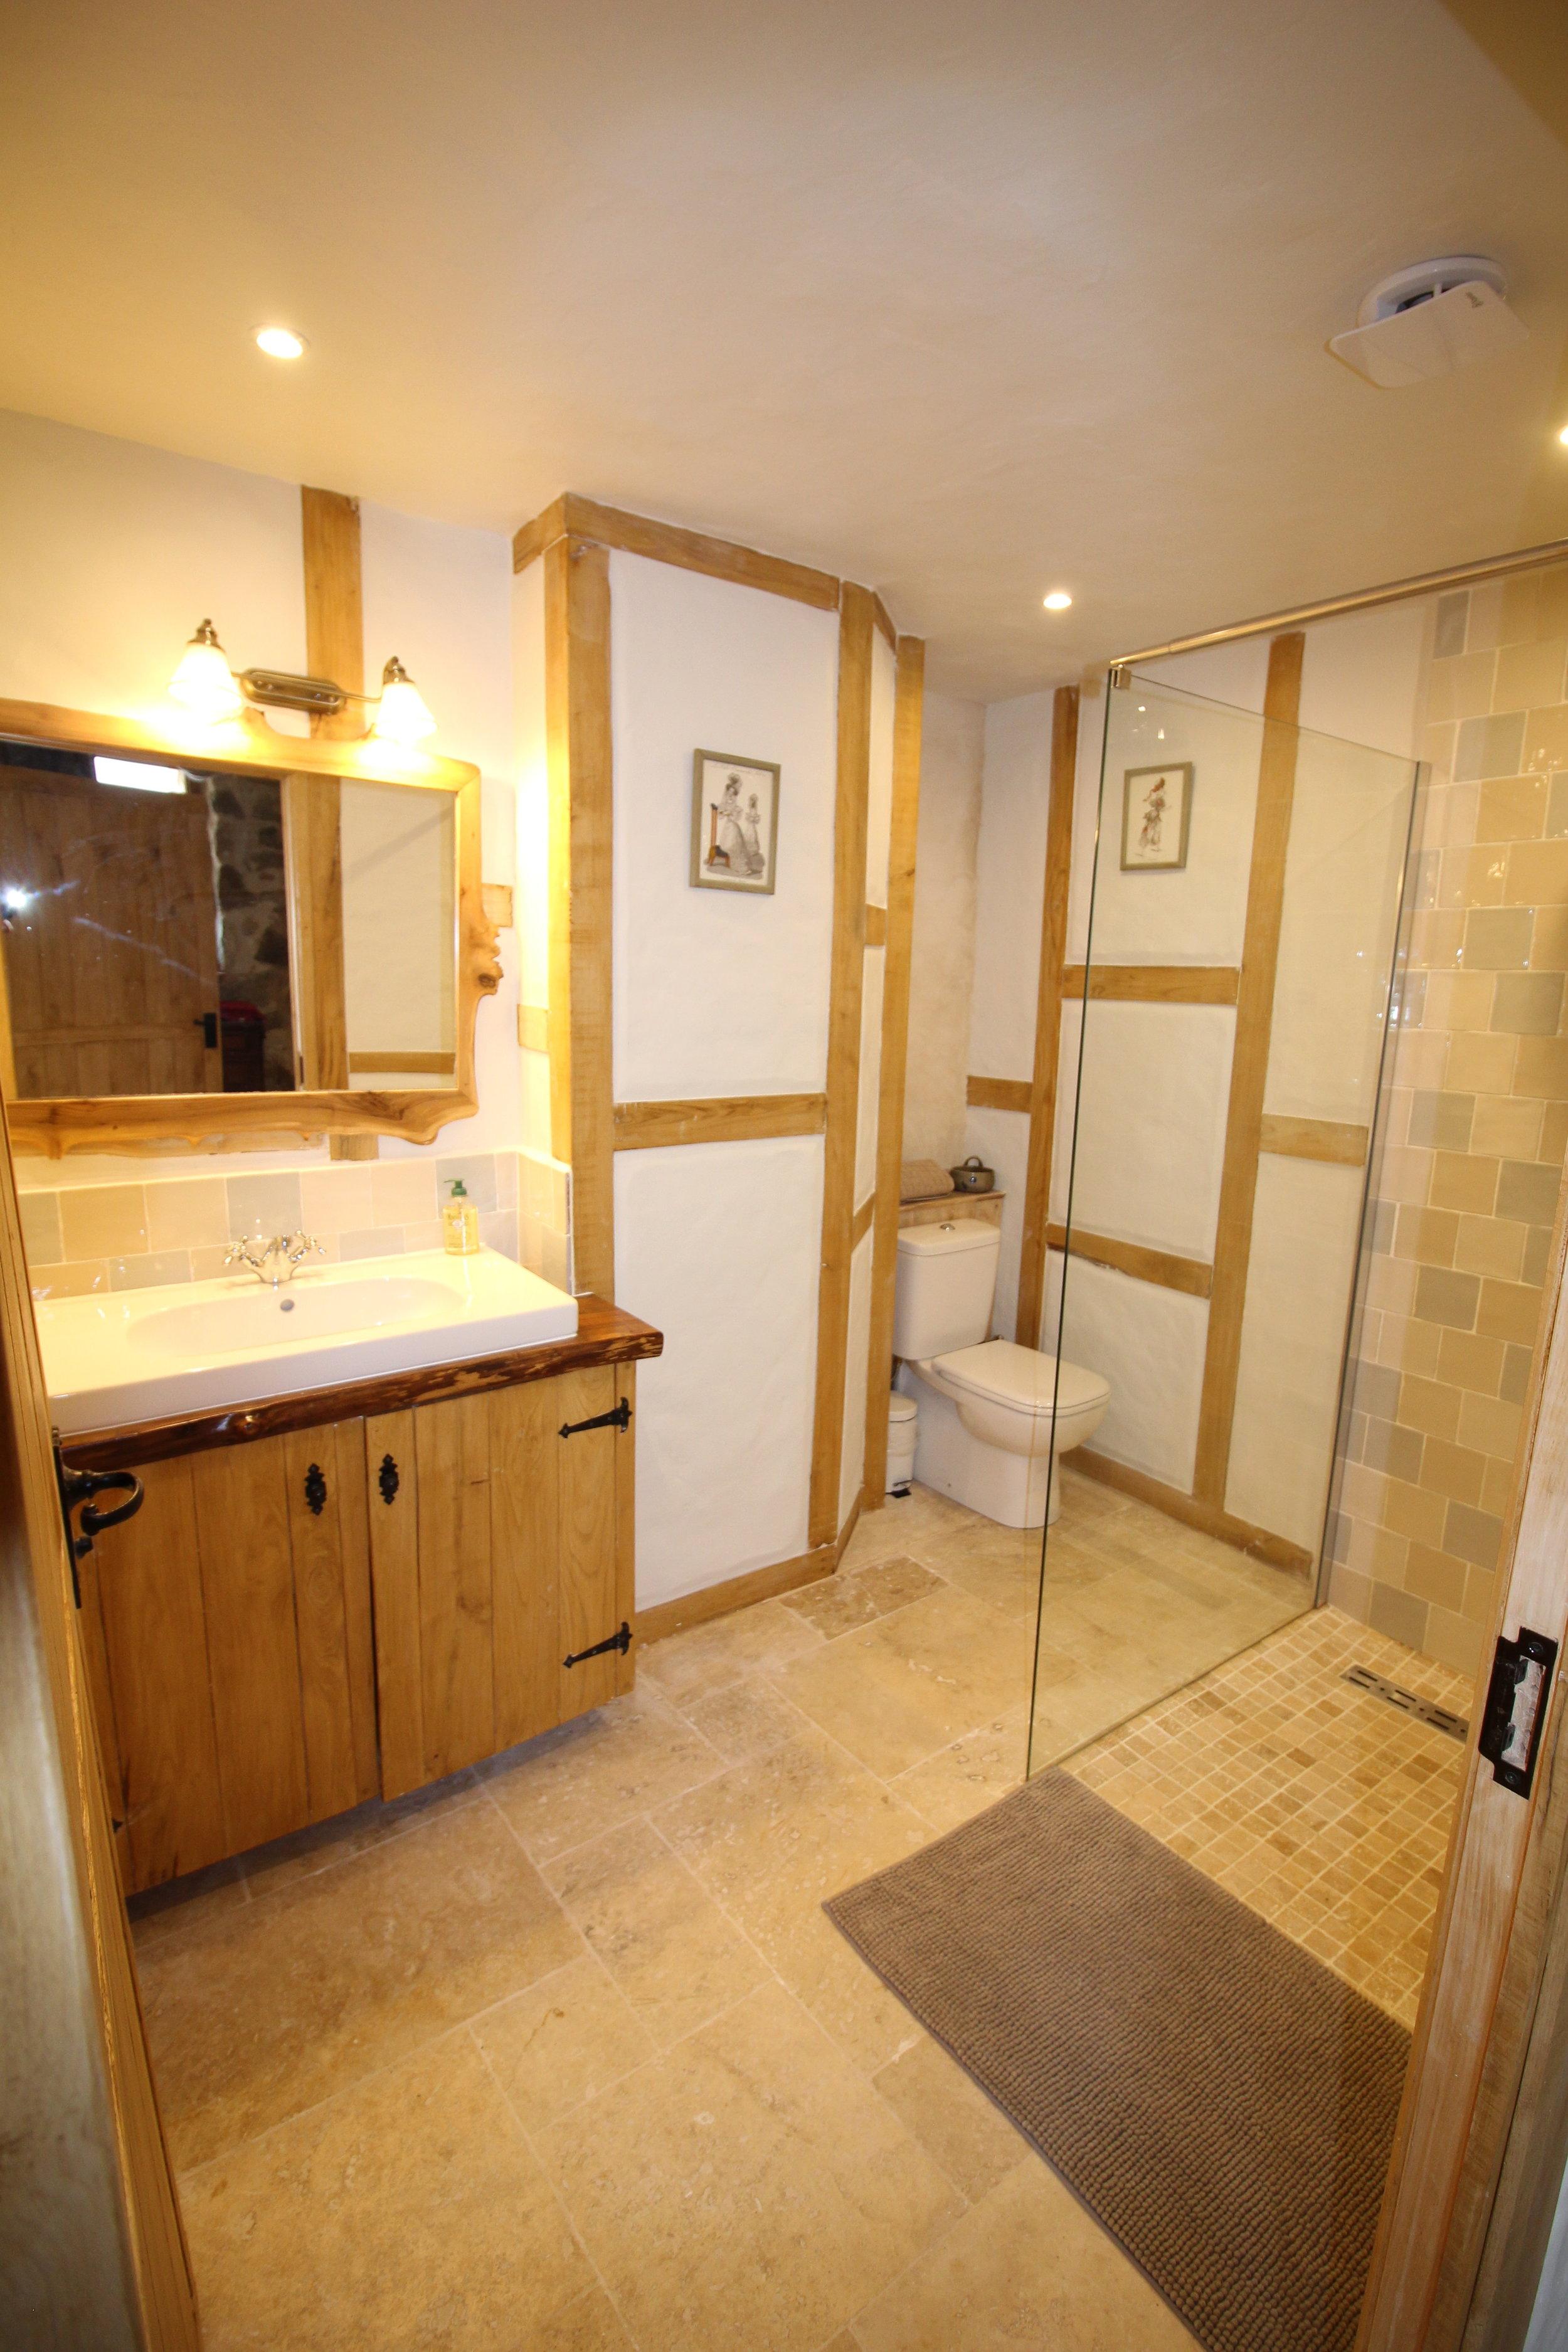 Bathroom cupboard, washbasin surround, mirror and walls